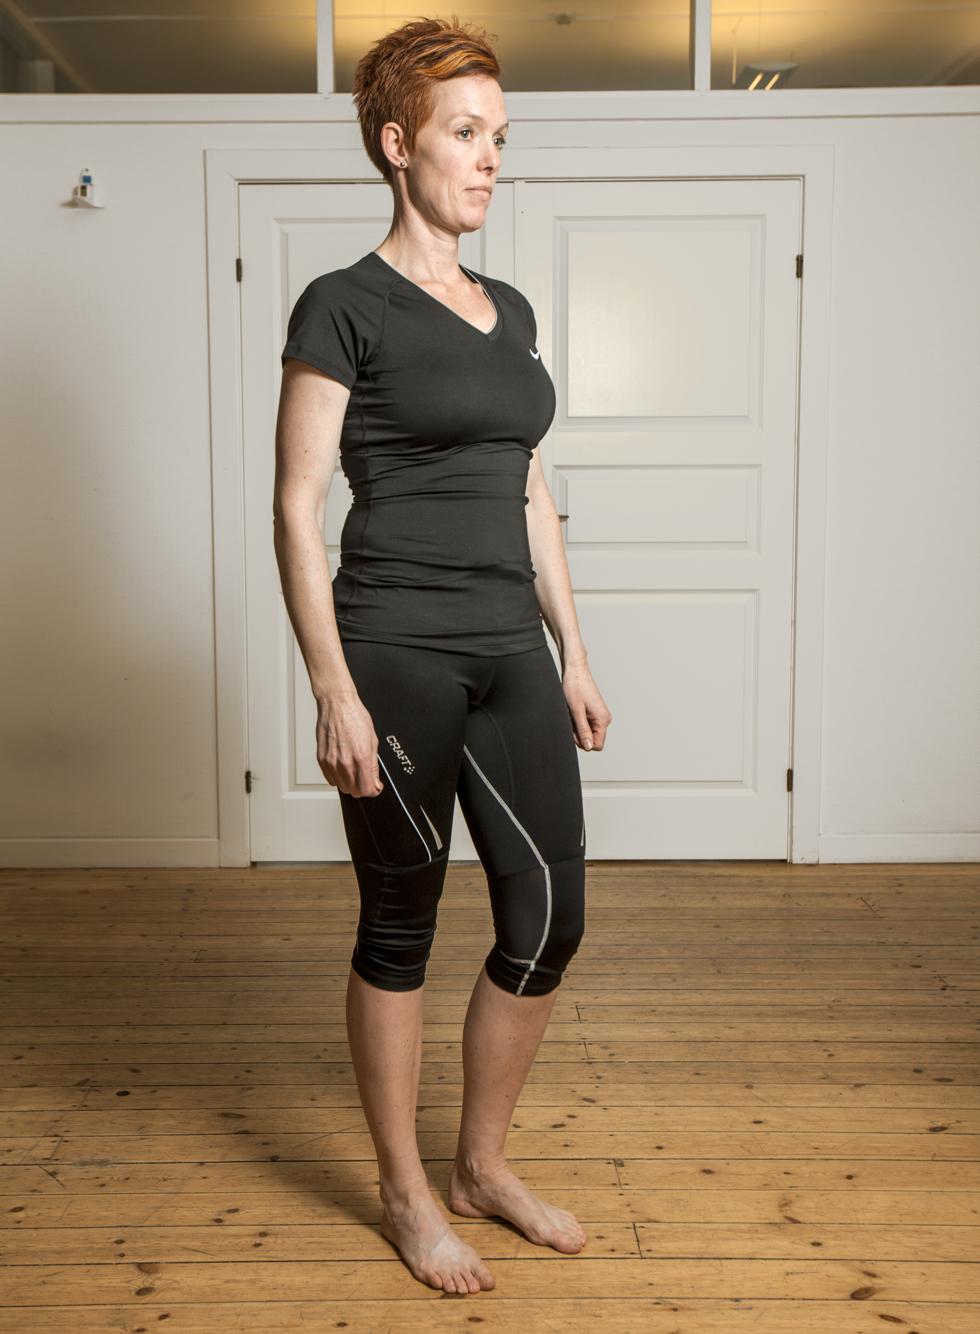 Dorthe hænger i hoften.